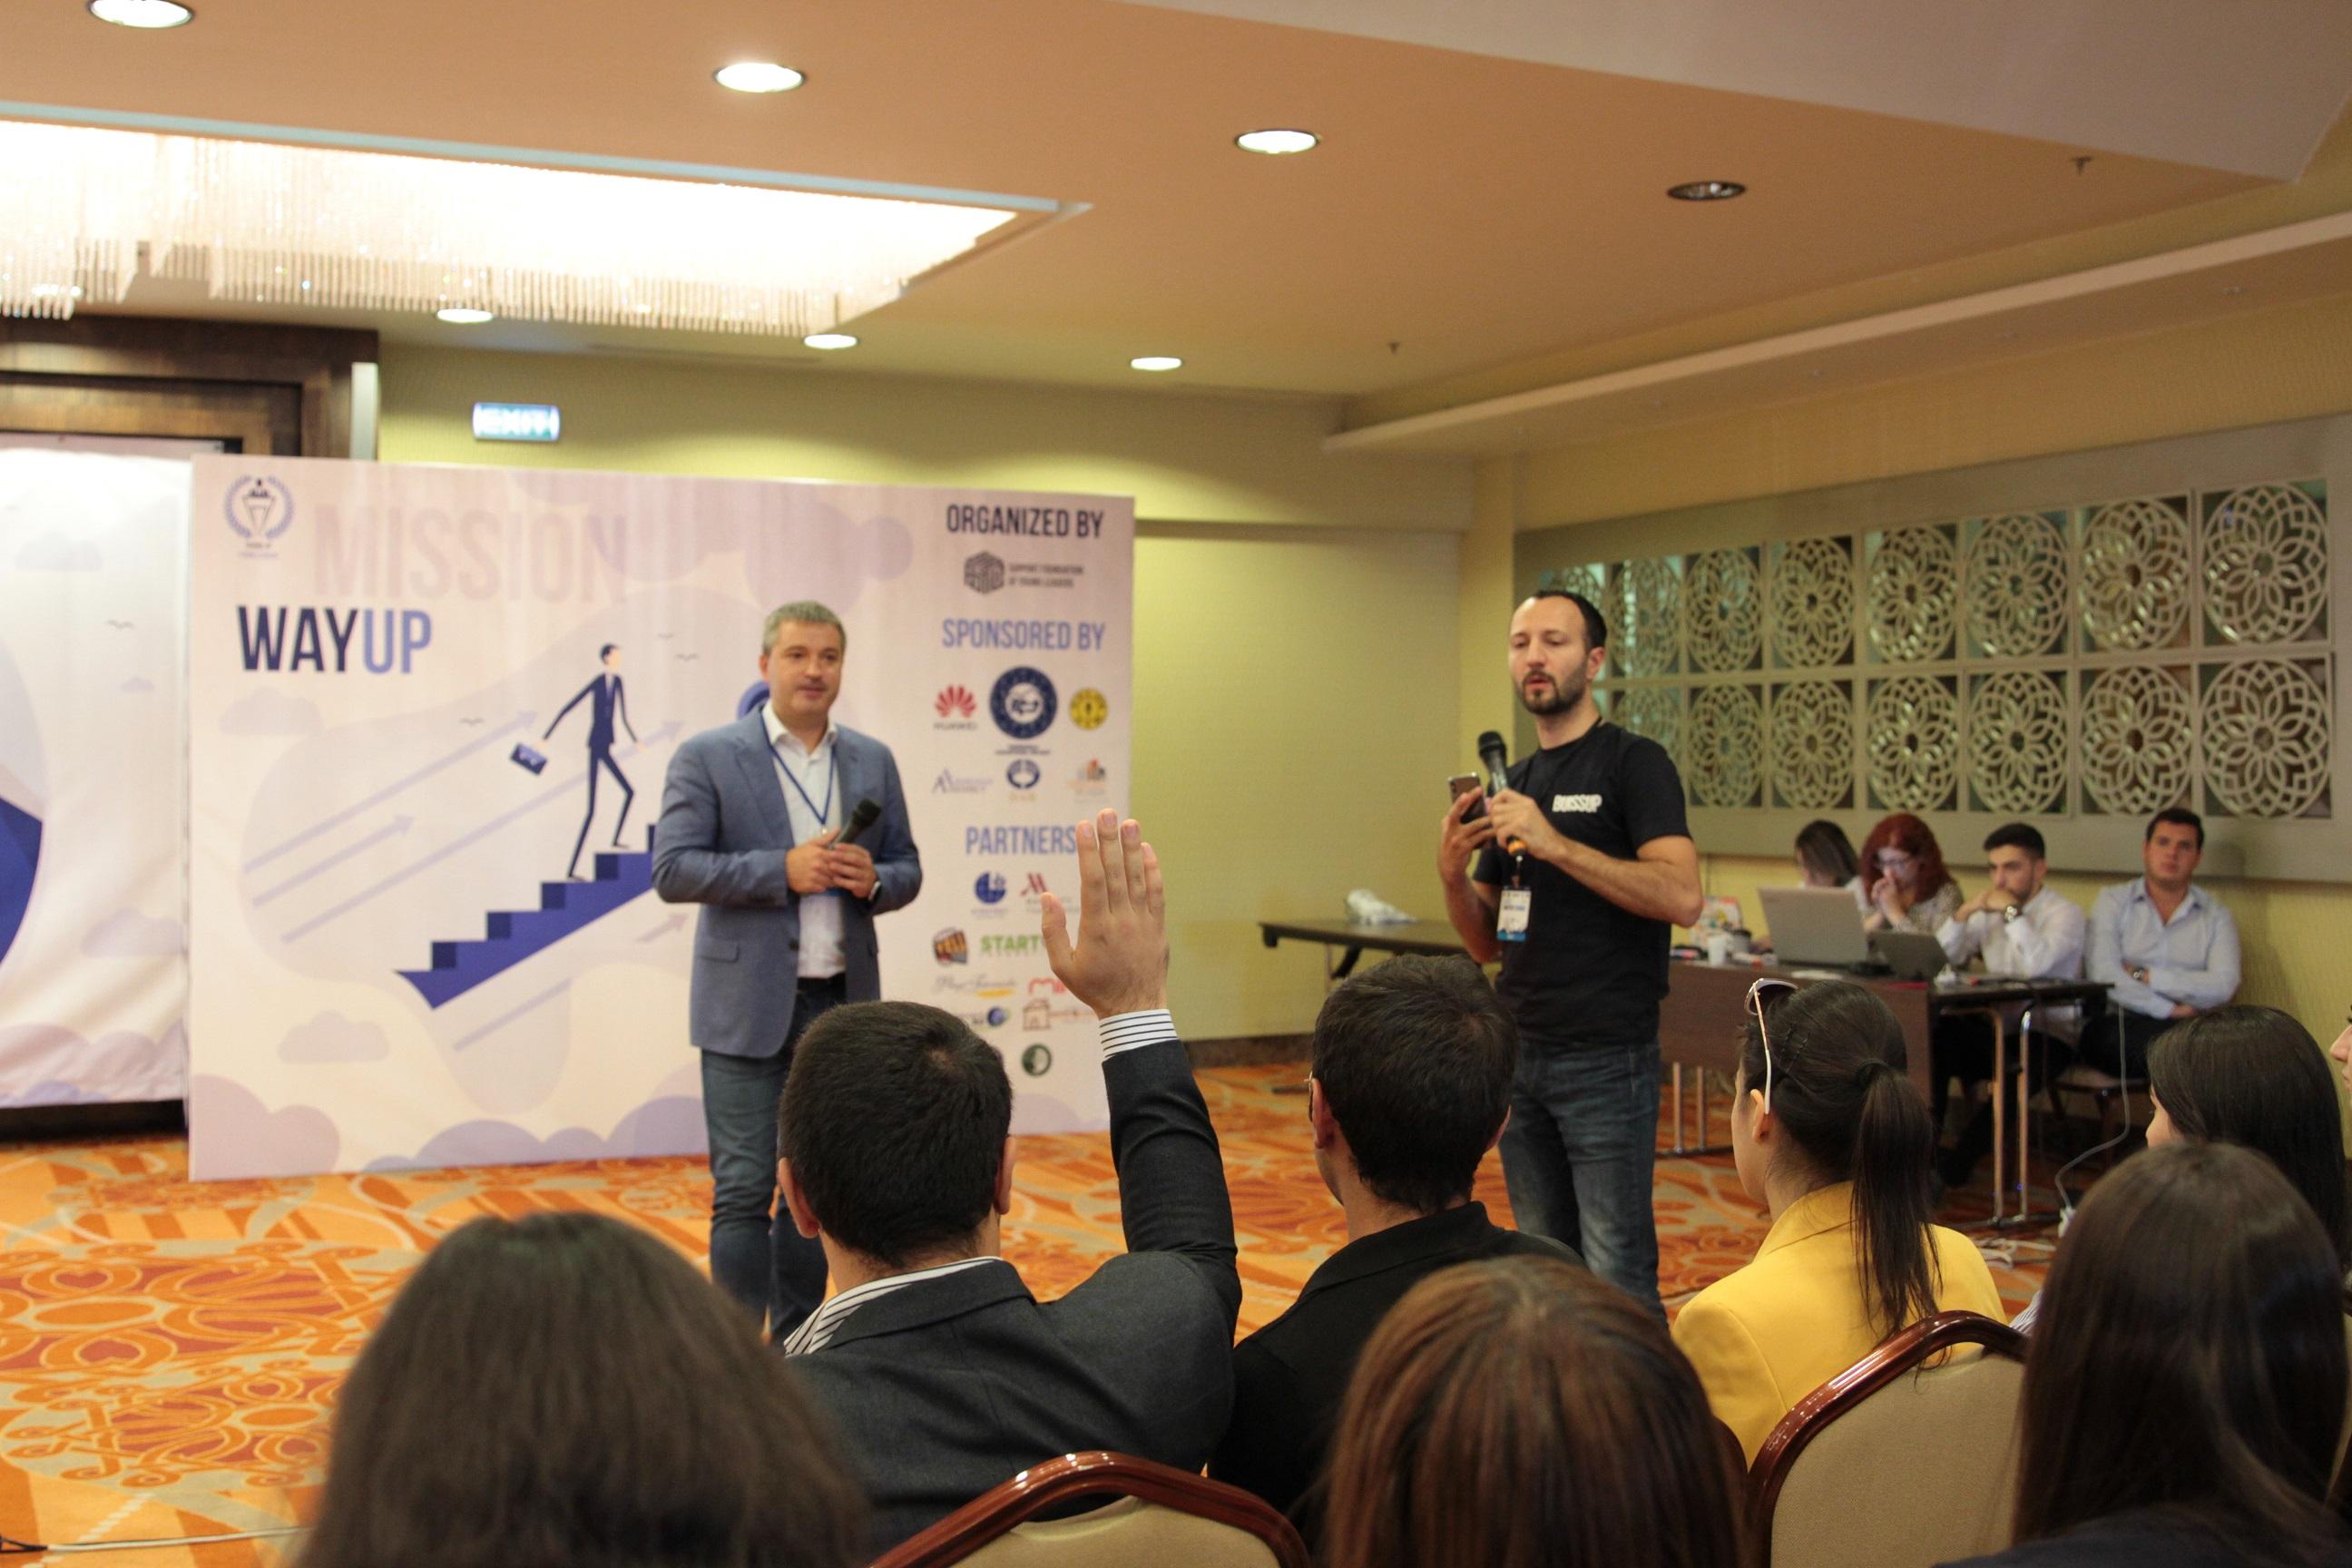 Beeline-ի գլխավոր տնօրենը դասախոսություն է անցկացրել Երիտասարդ առաջնորդների միջազգային դպրոցի ուսանողների համար